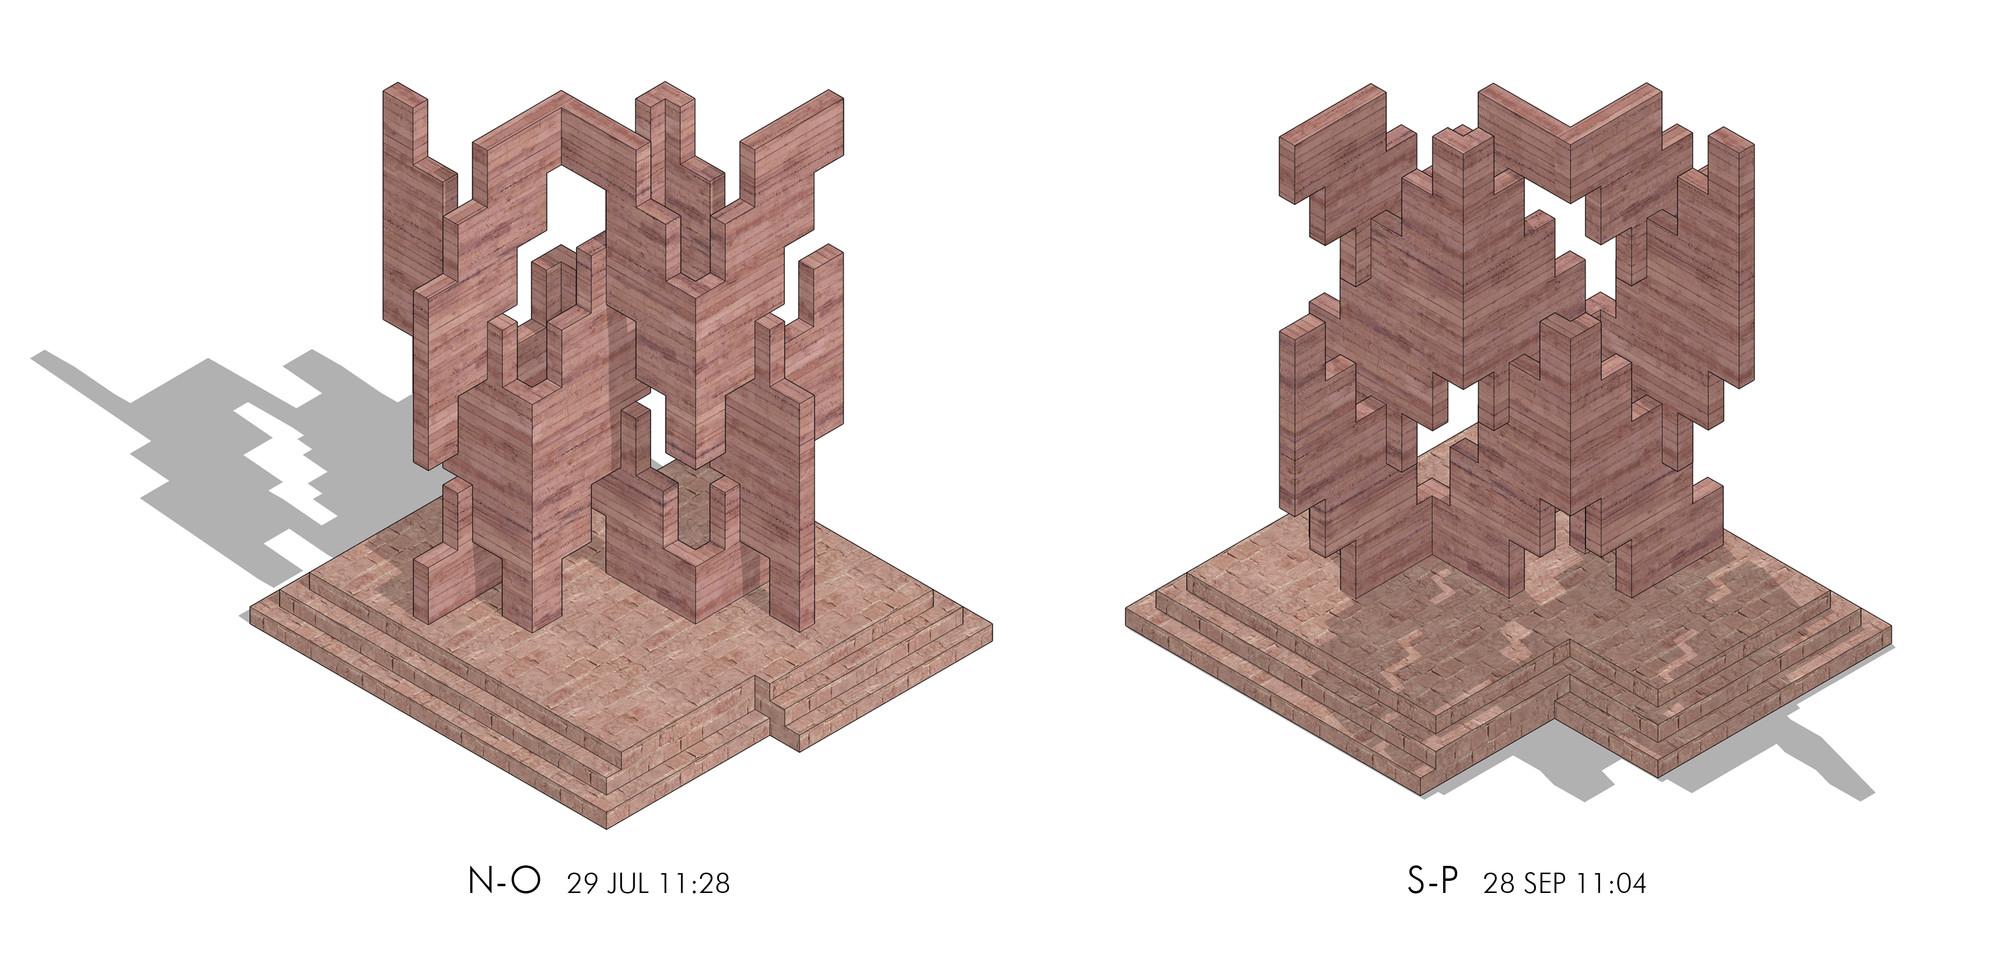 Isométricas. Image Courtesy of Edison Suau